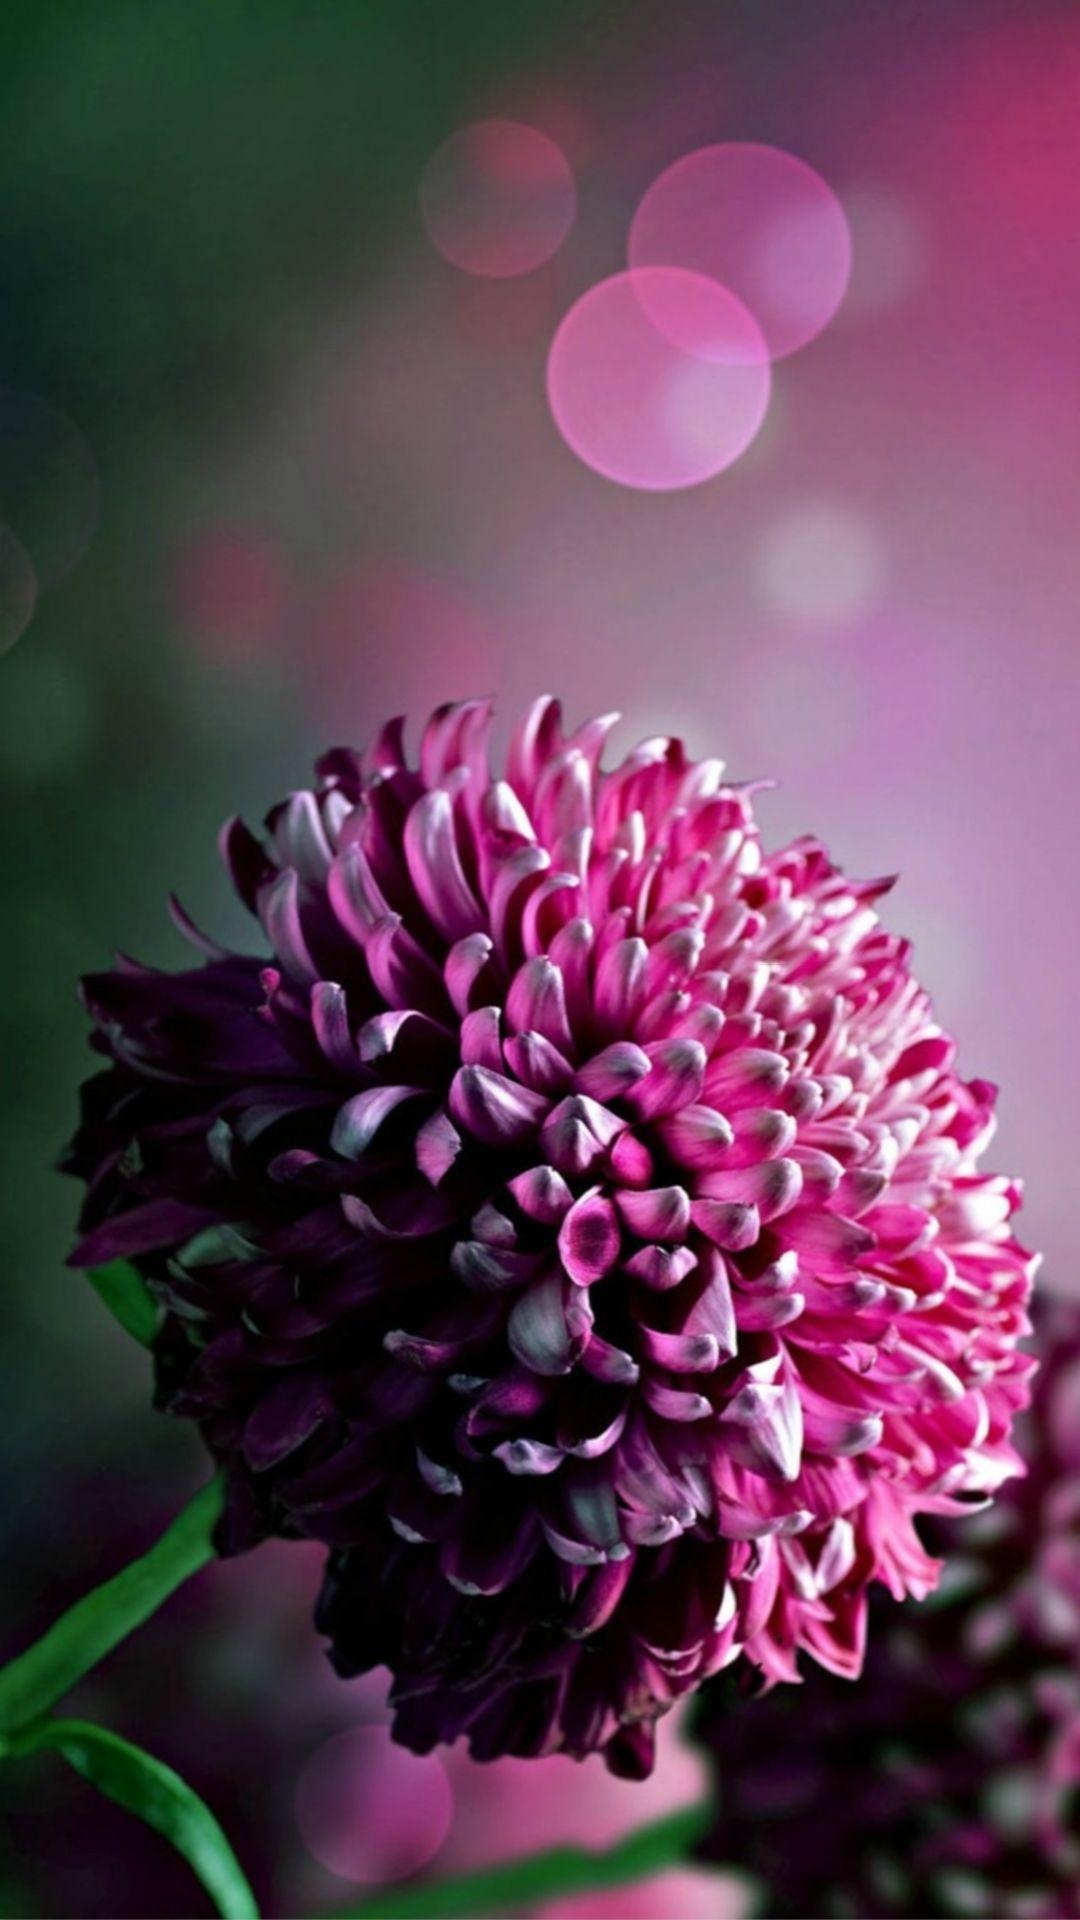 1440x2630 Chrysanthemums Flowers Bouquet Wallpaper Flower Wallpaper Purple Backgrounds Wallpaper